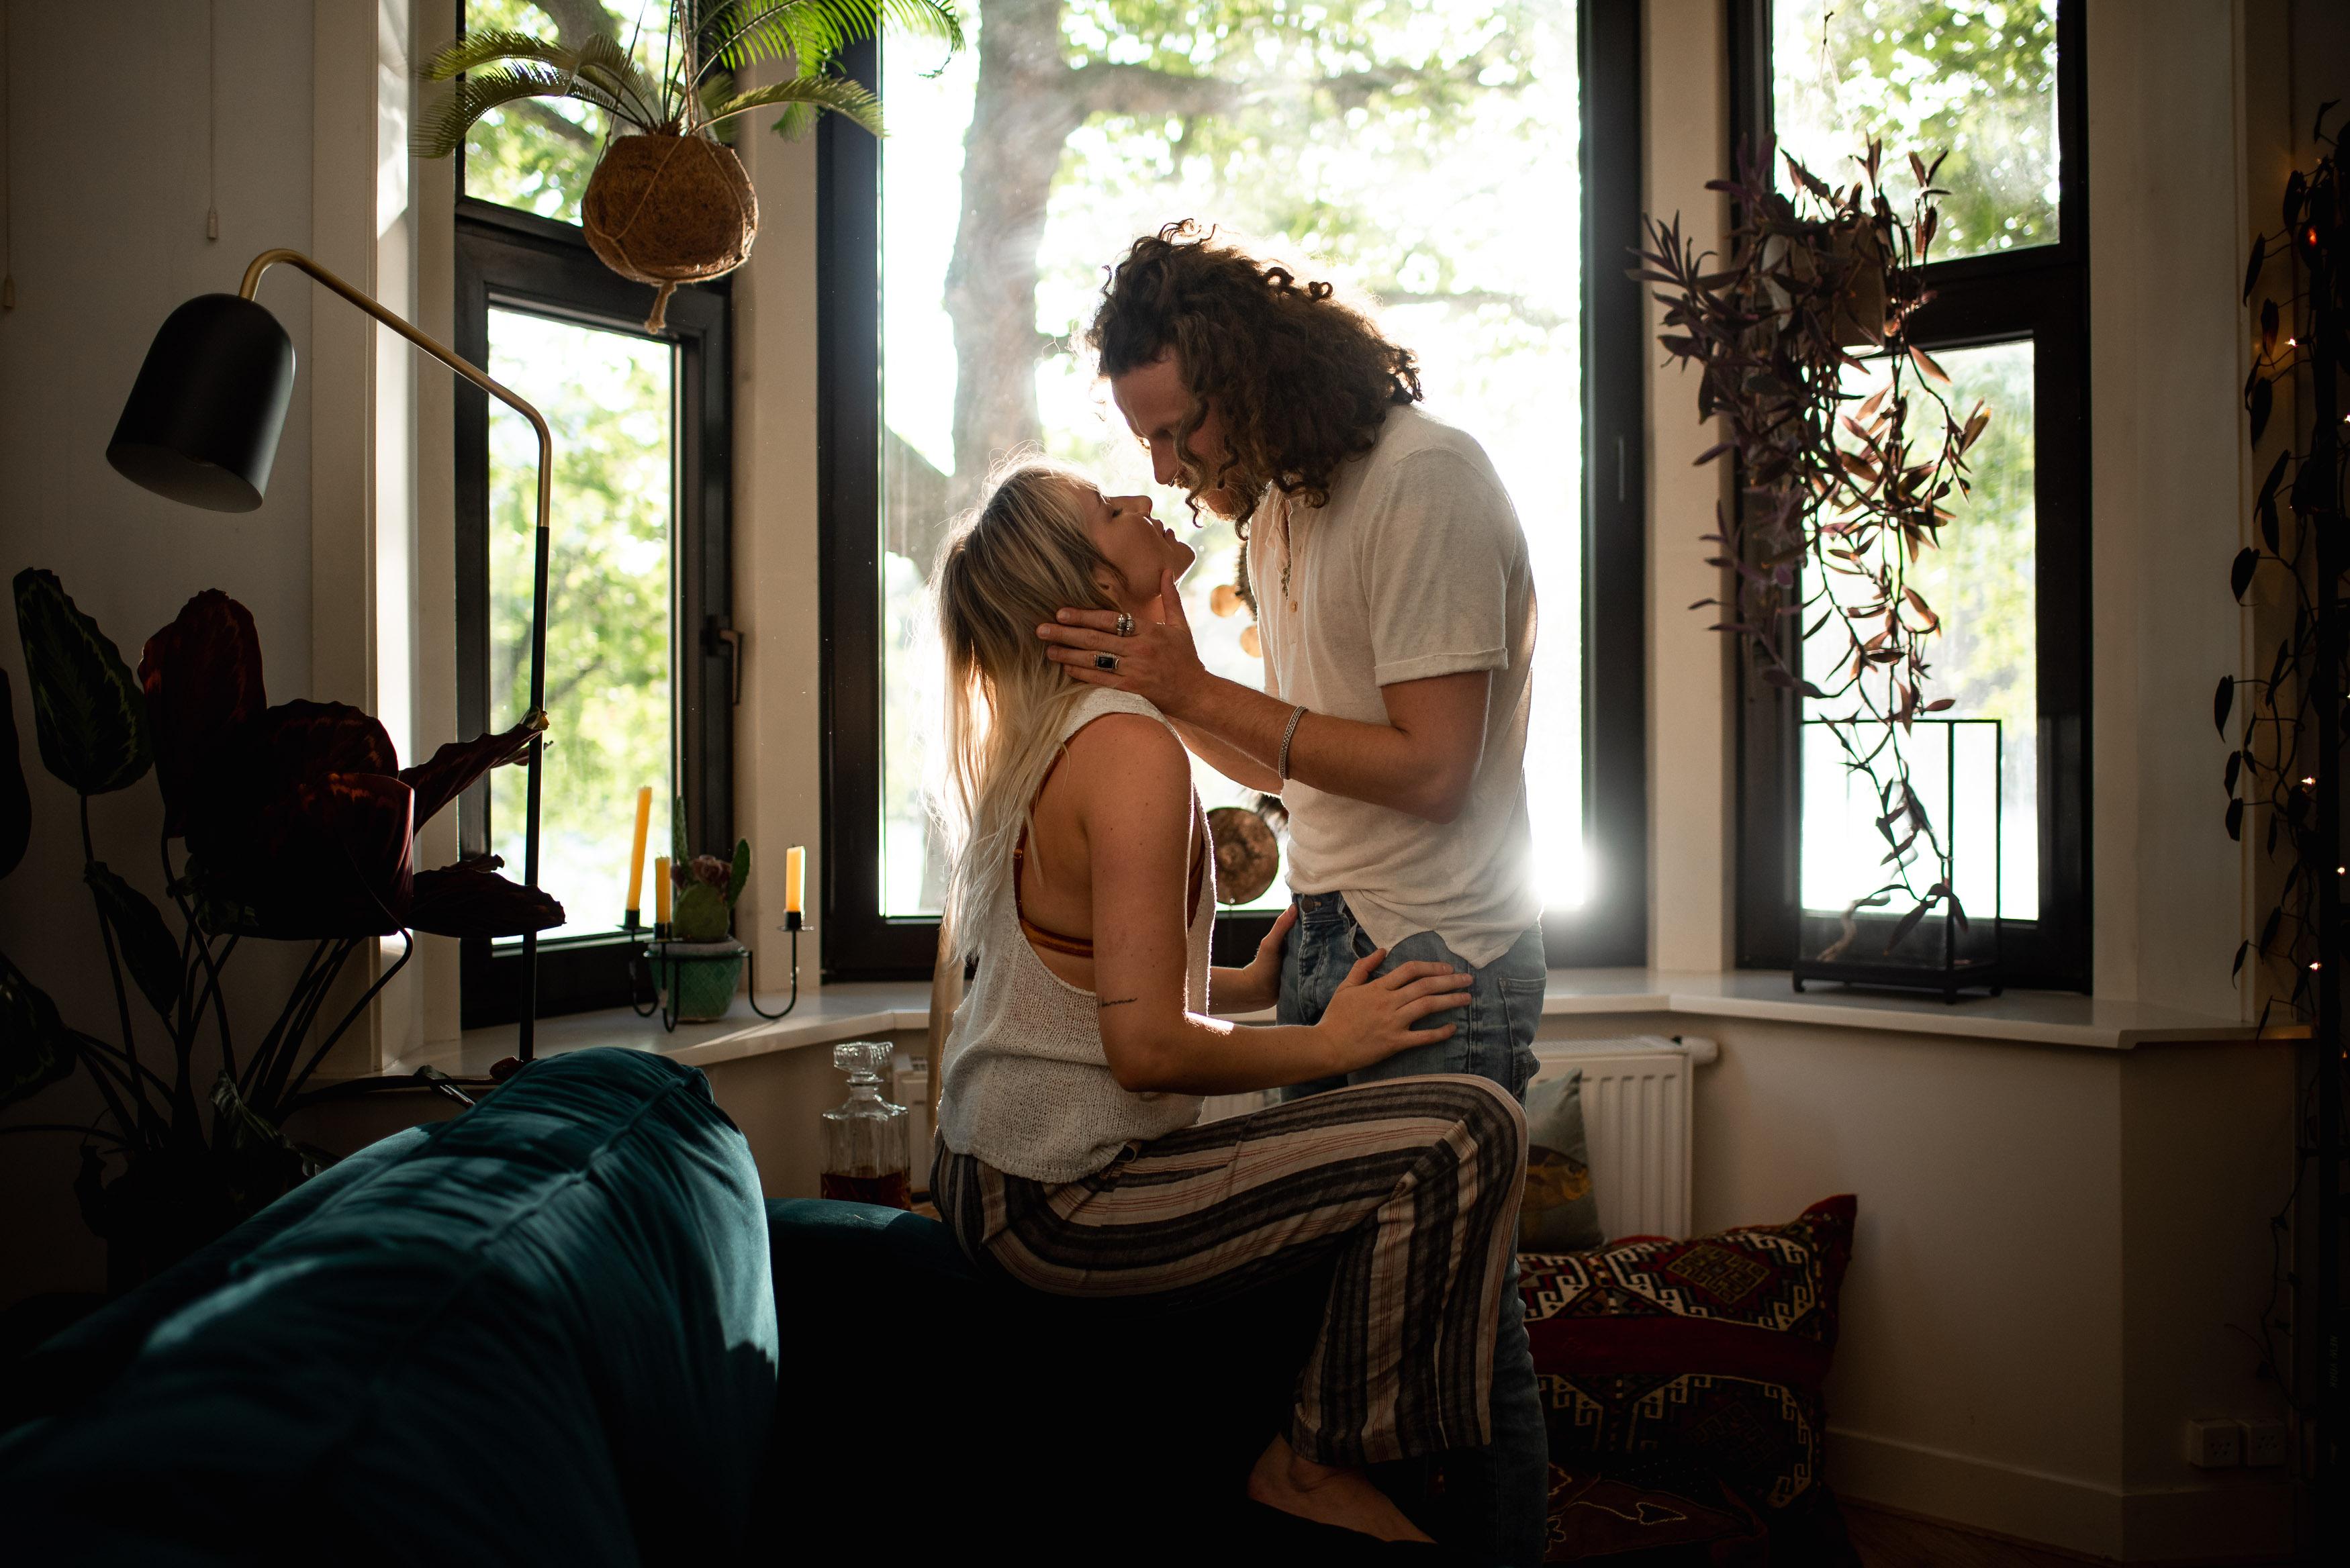 romantic couple portrait at home